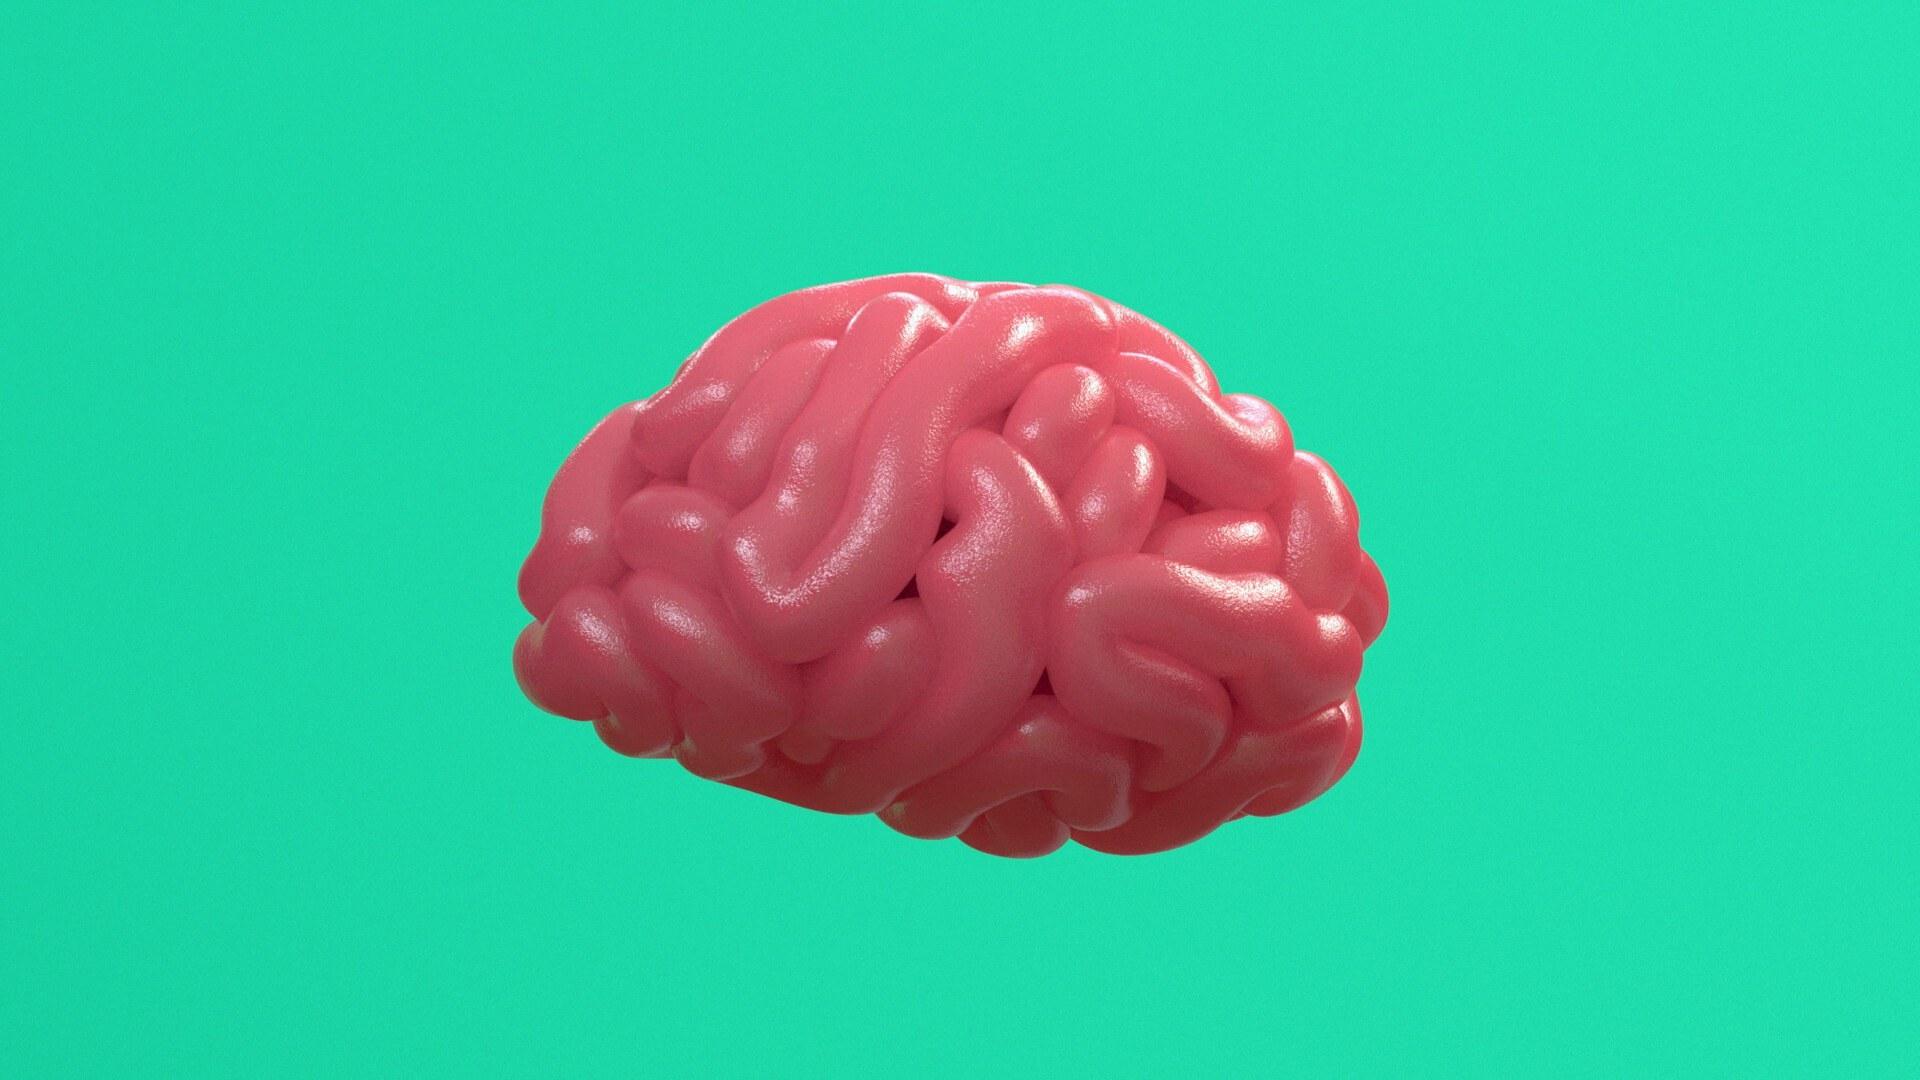 3d animasjon av en en slimete rosa hjerne for lotteritilsynets informasjonsfilms hjernen paa spill